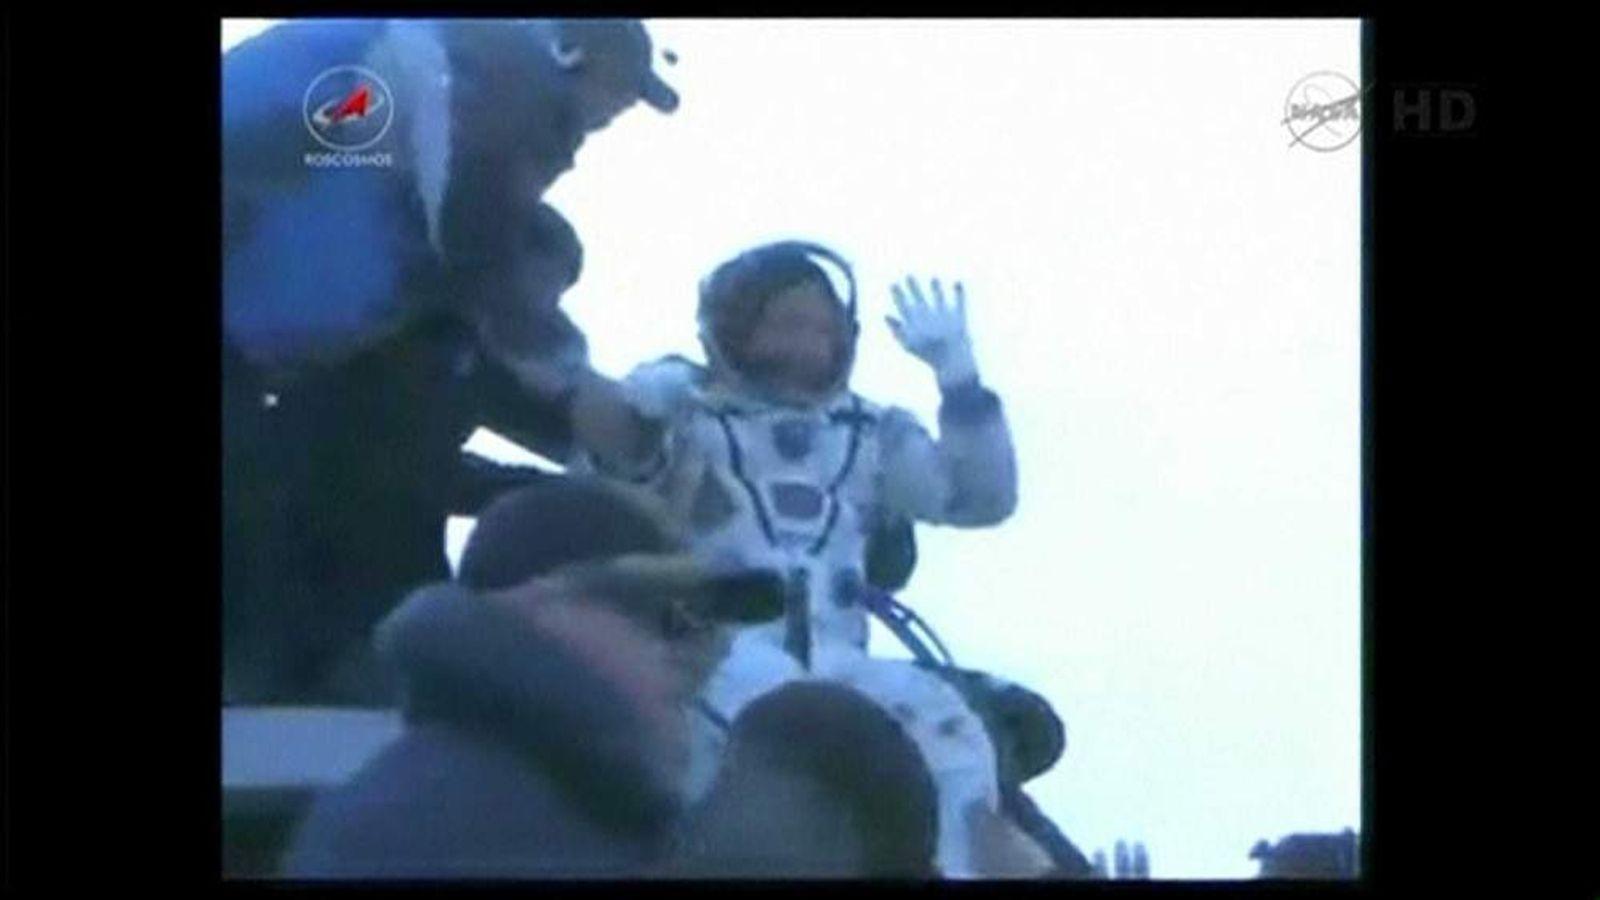 Russian cosmonaut Oleg Novitskiy waves as he is helped out of the Soyuz capsule